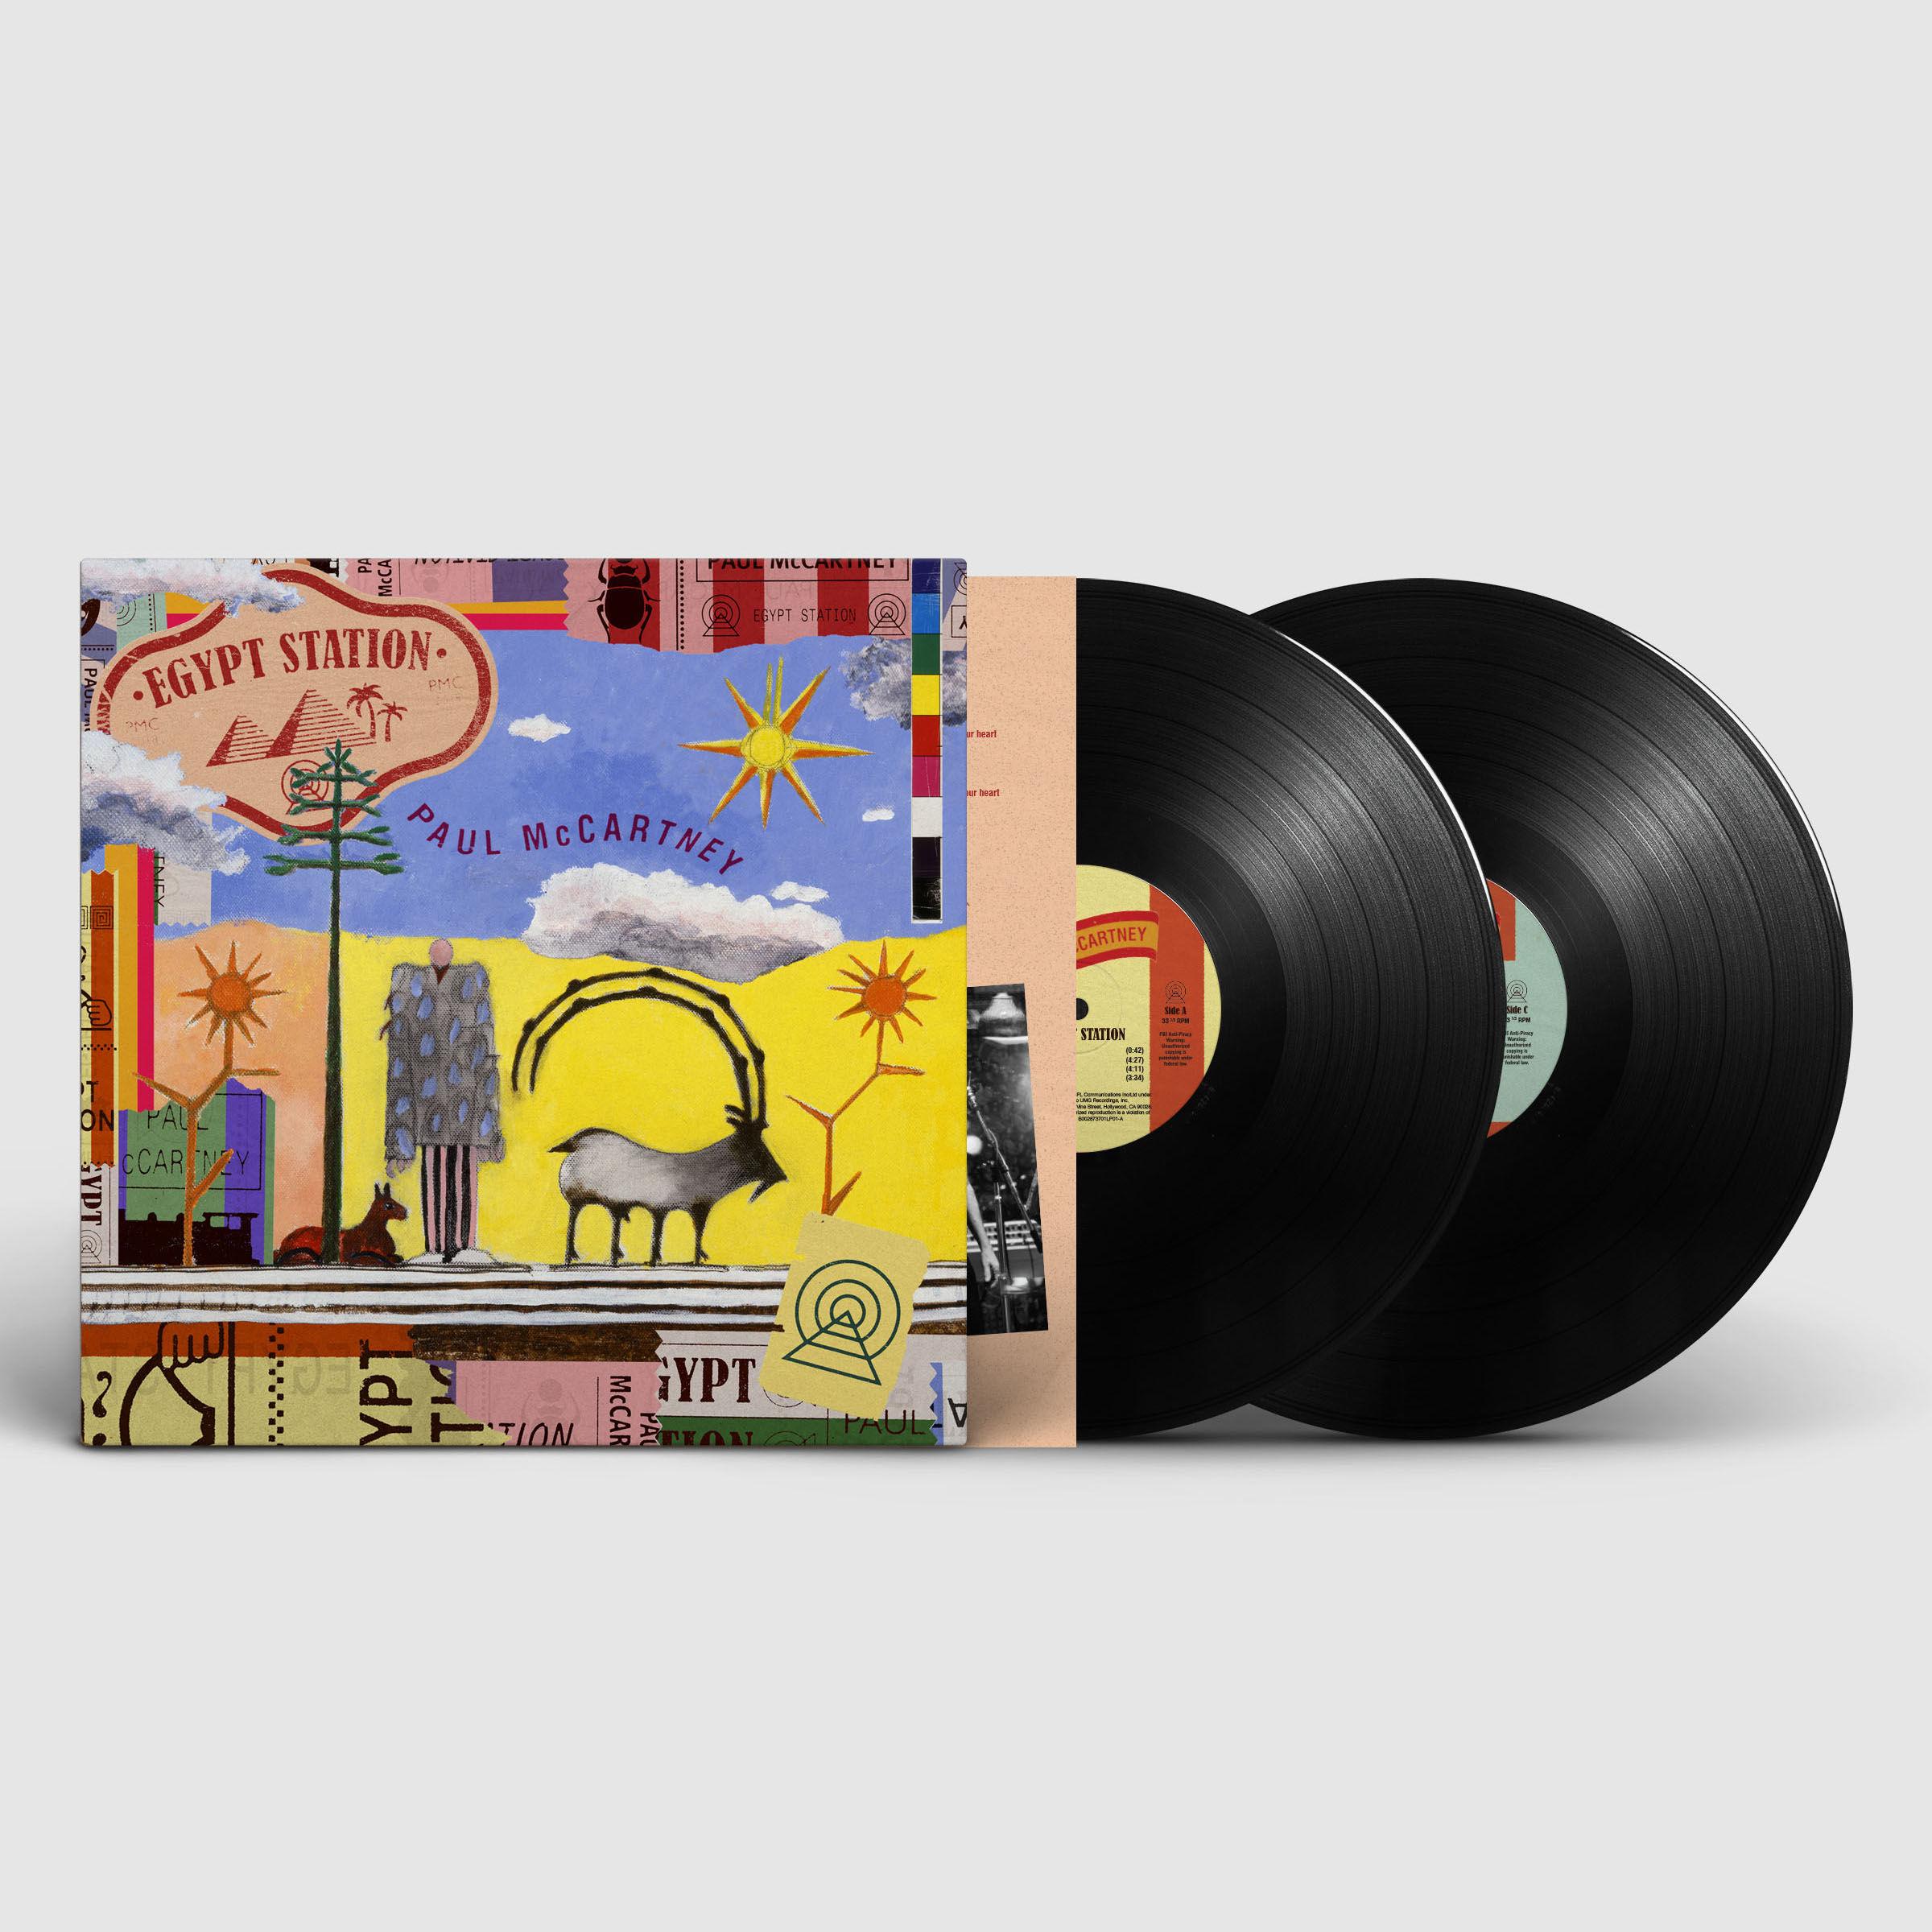 Paul McCartney: Egypt Station Standard Vinyl